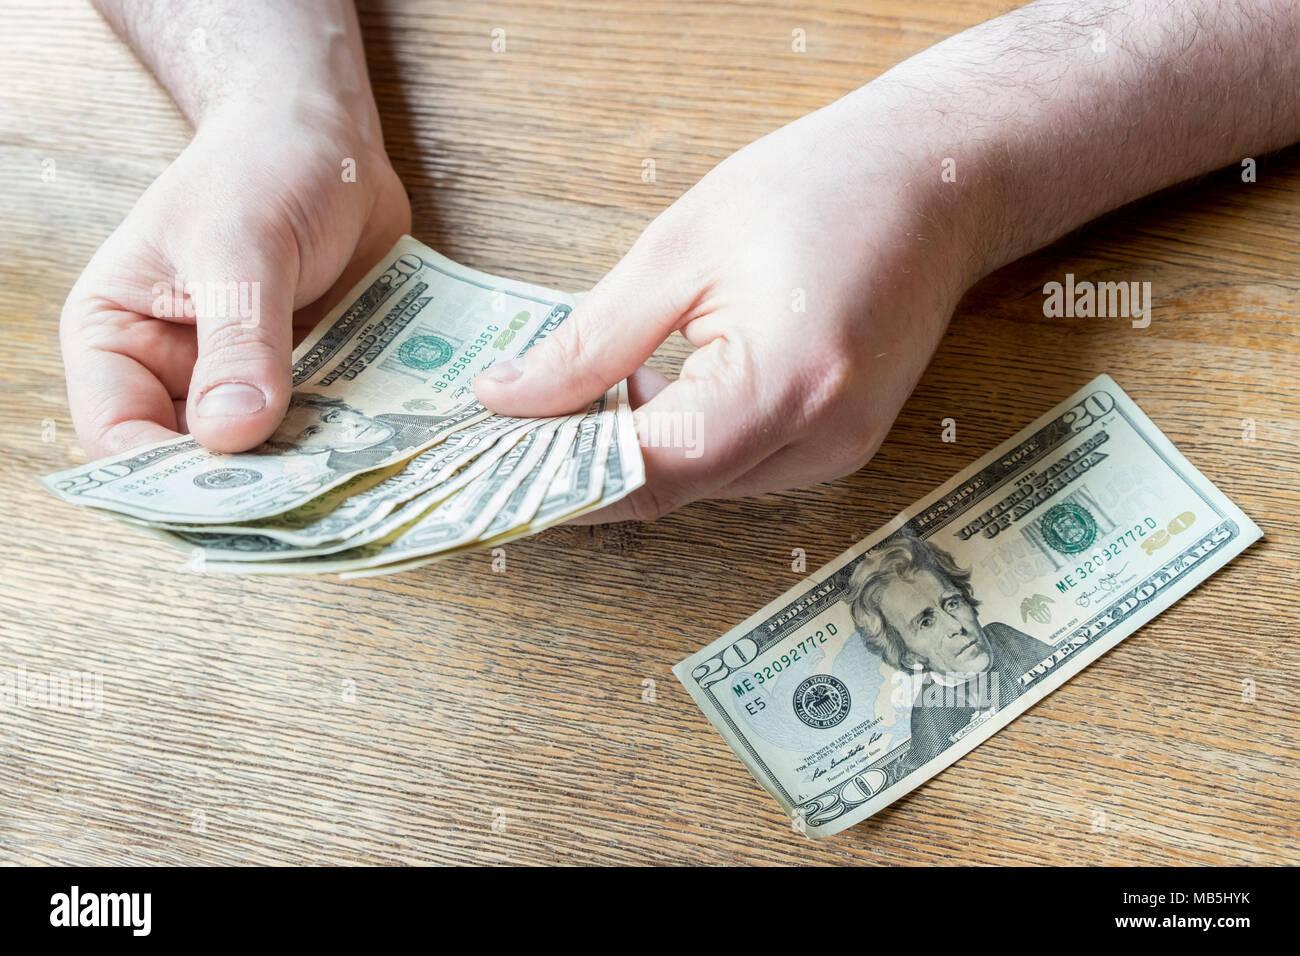 US dollar bills. Personne à compter de l'argent. Photo Stock